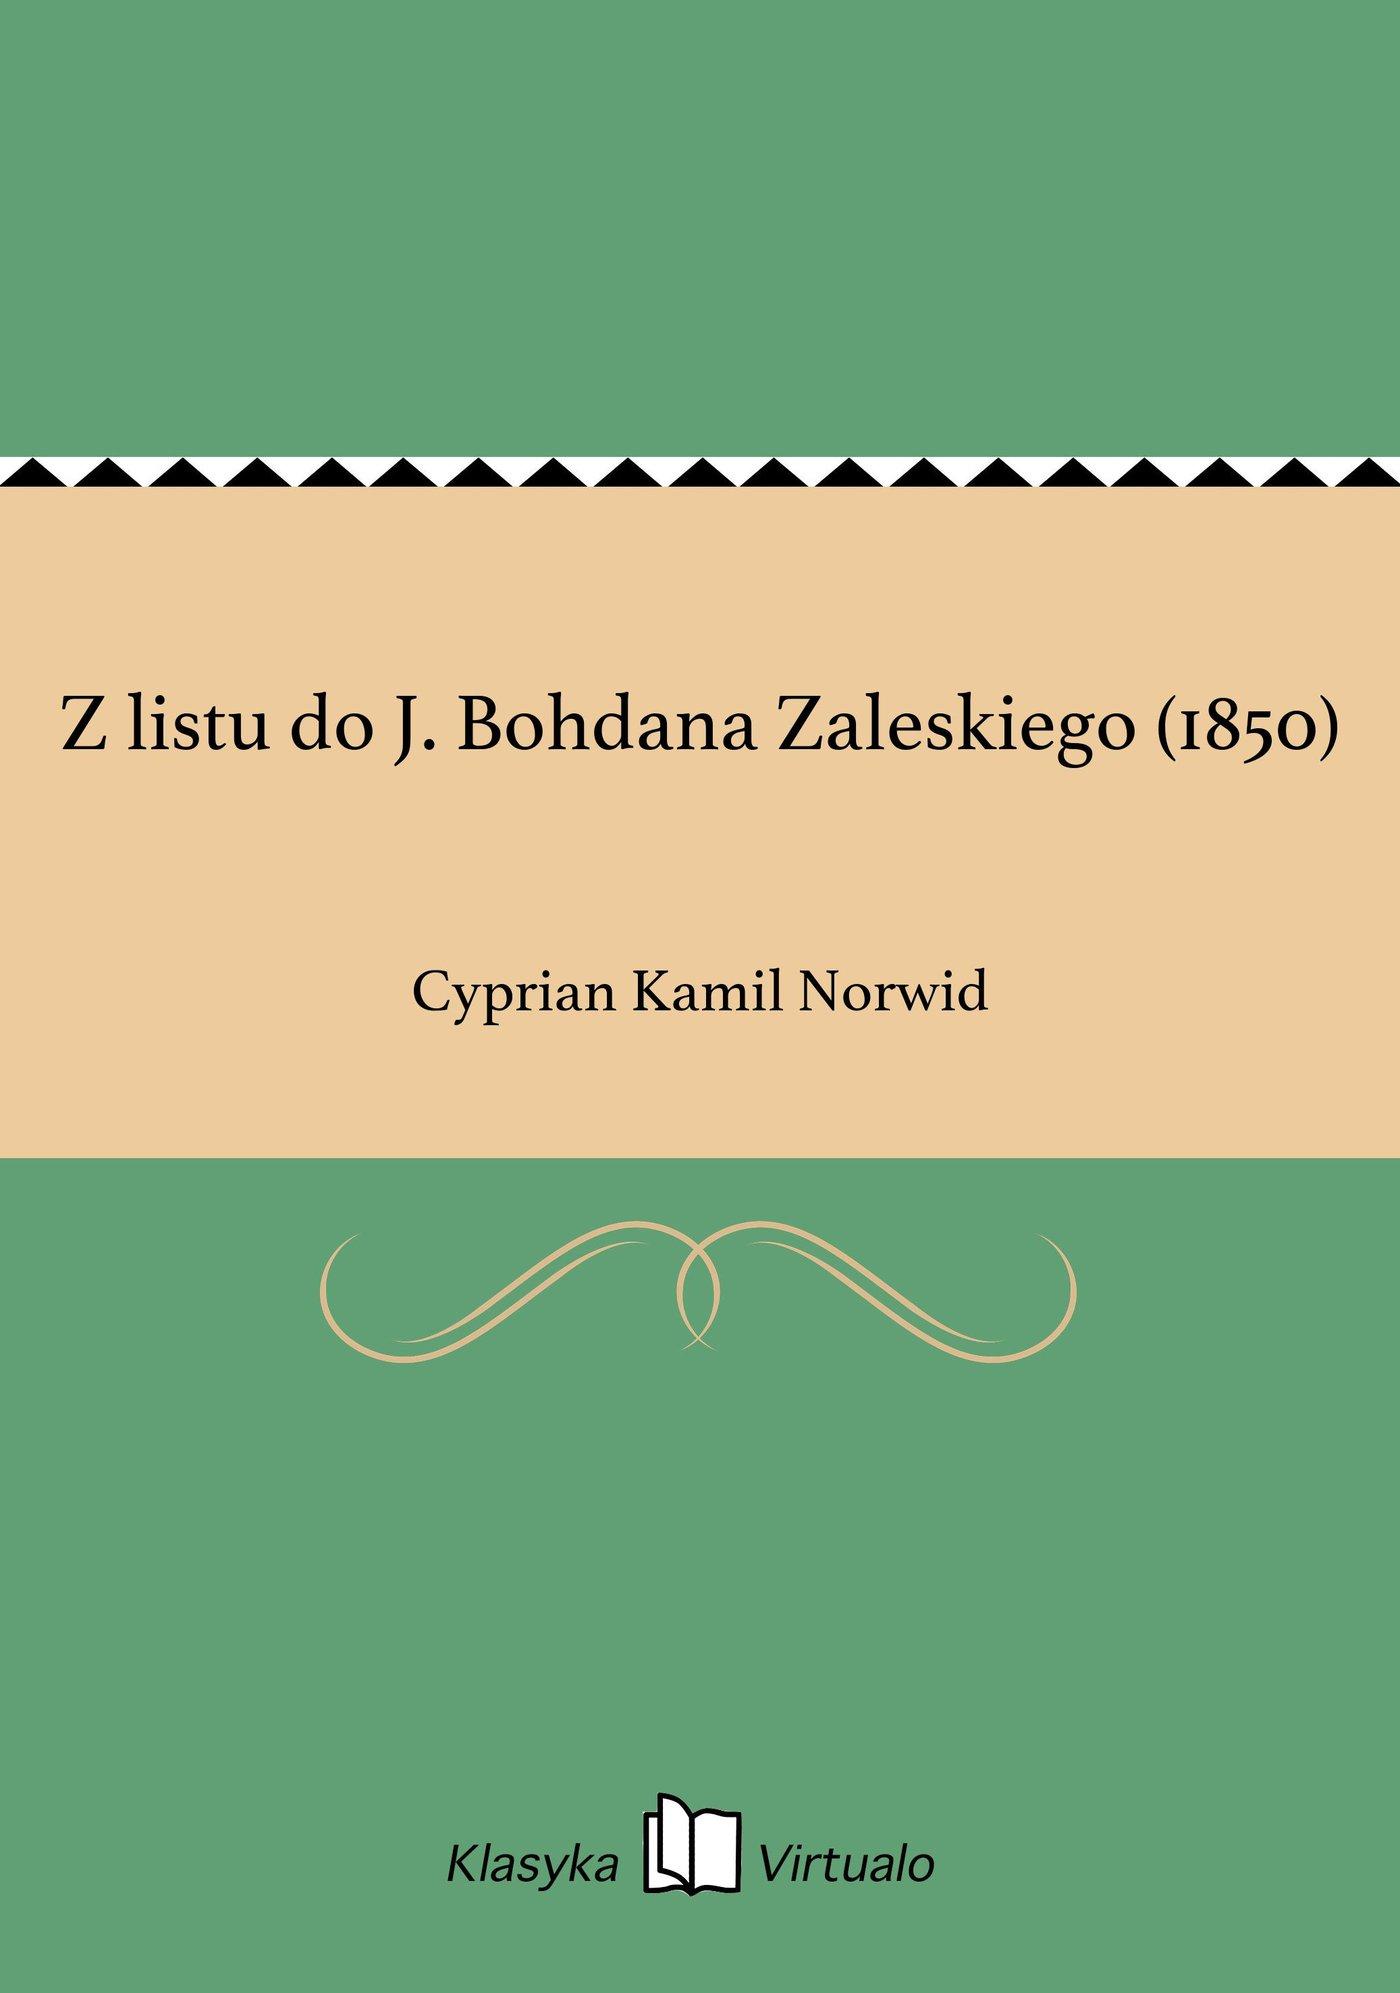 Z listu do J. Bohdana Zaleskiego (1850) - Ebook (Książka EPUB) do pobrania w formacie EPUB